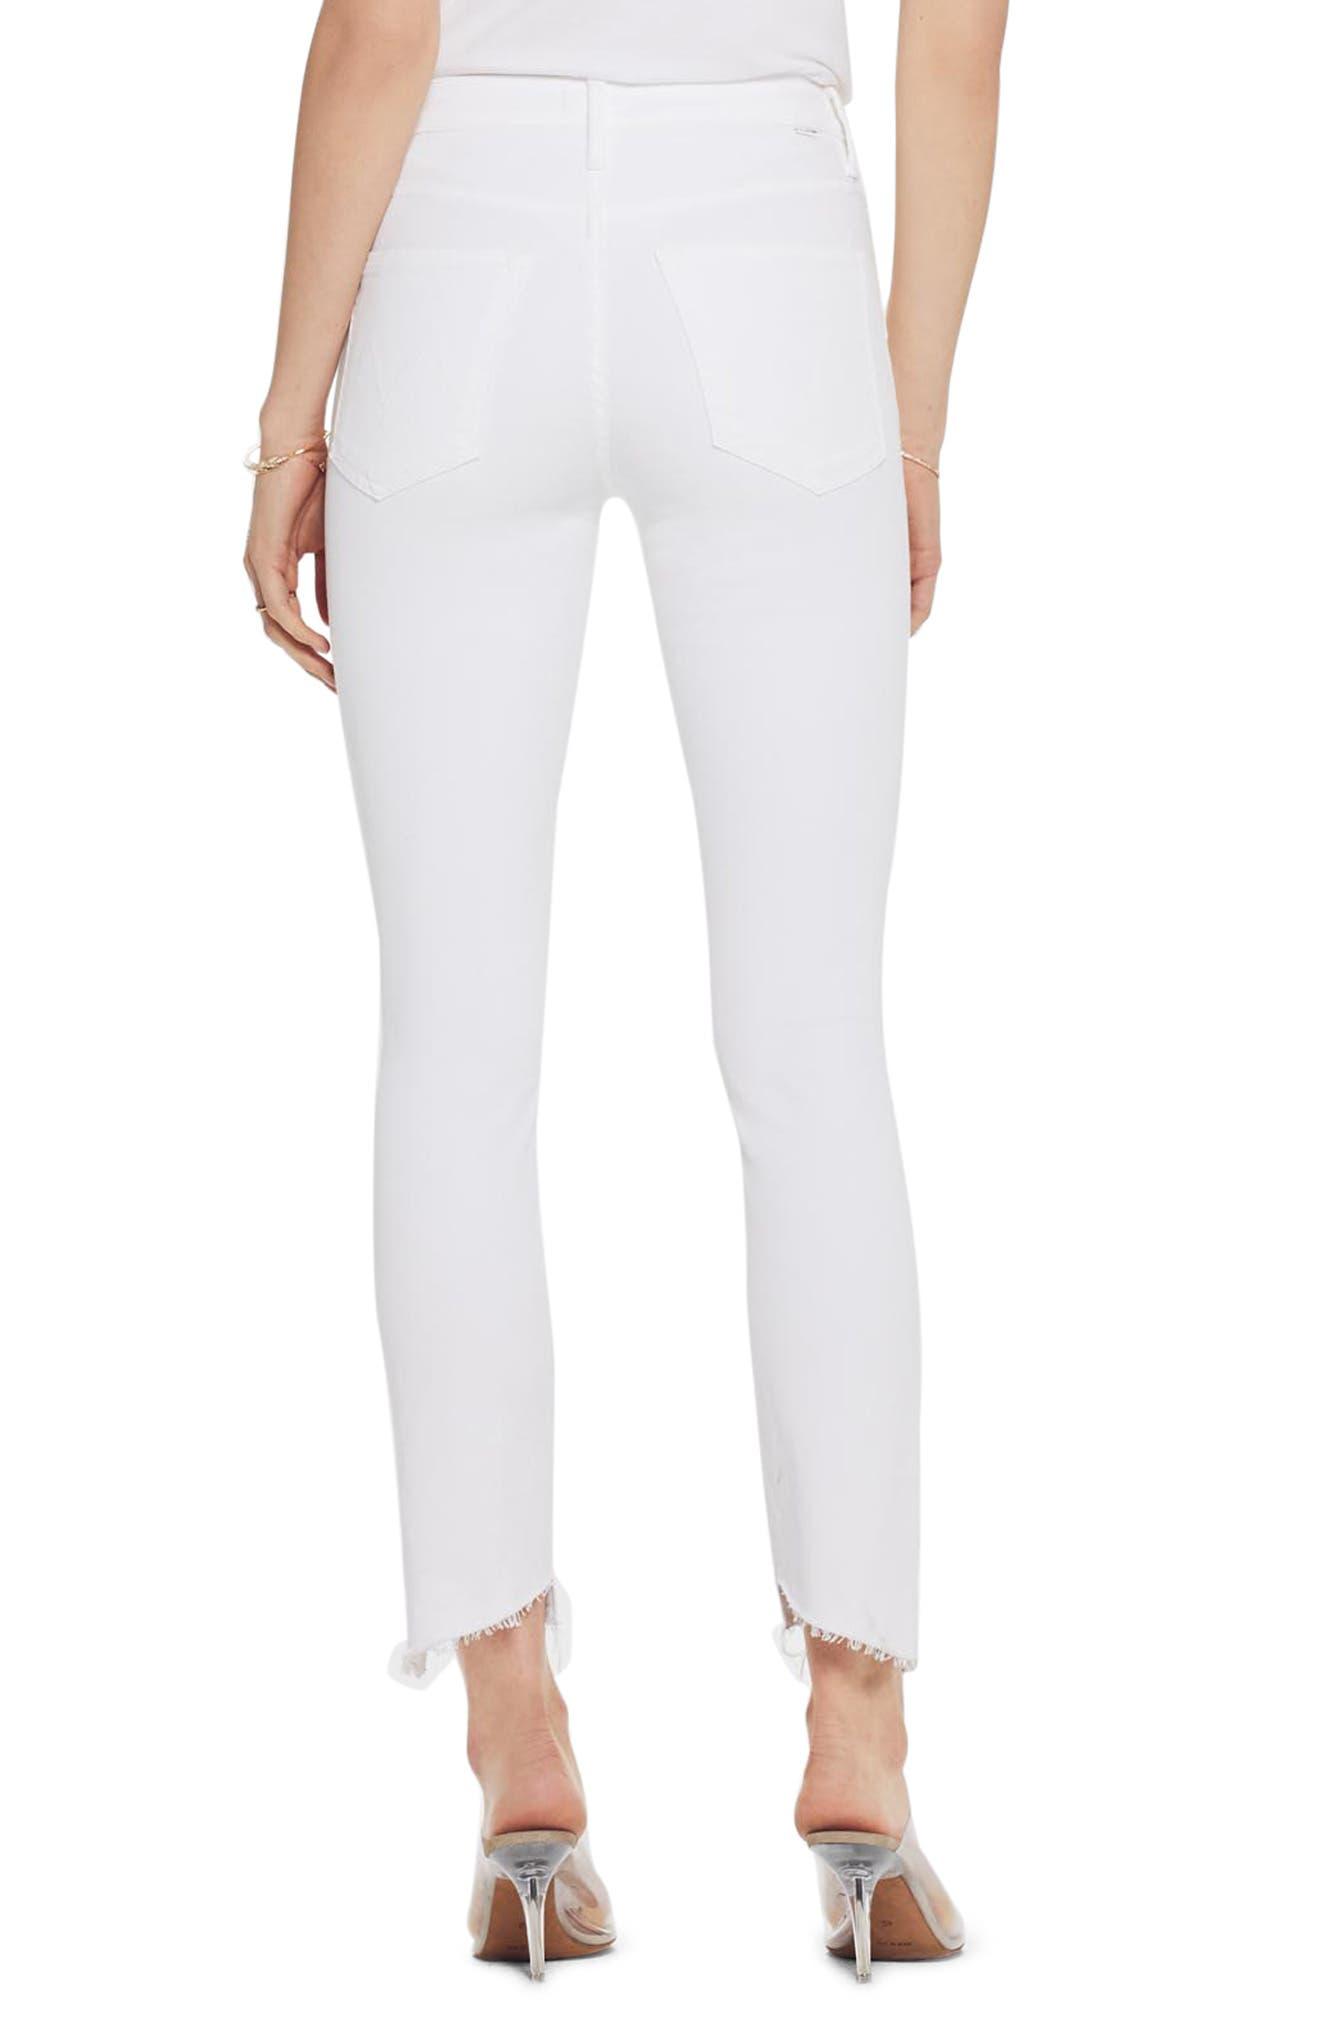 MOTHER, The Stunner Frayed Step Hem Skinny Jeans, Alternate thumbnail 2, color, GLASS SLIPPER